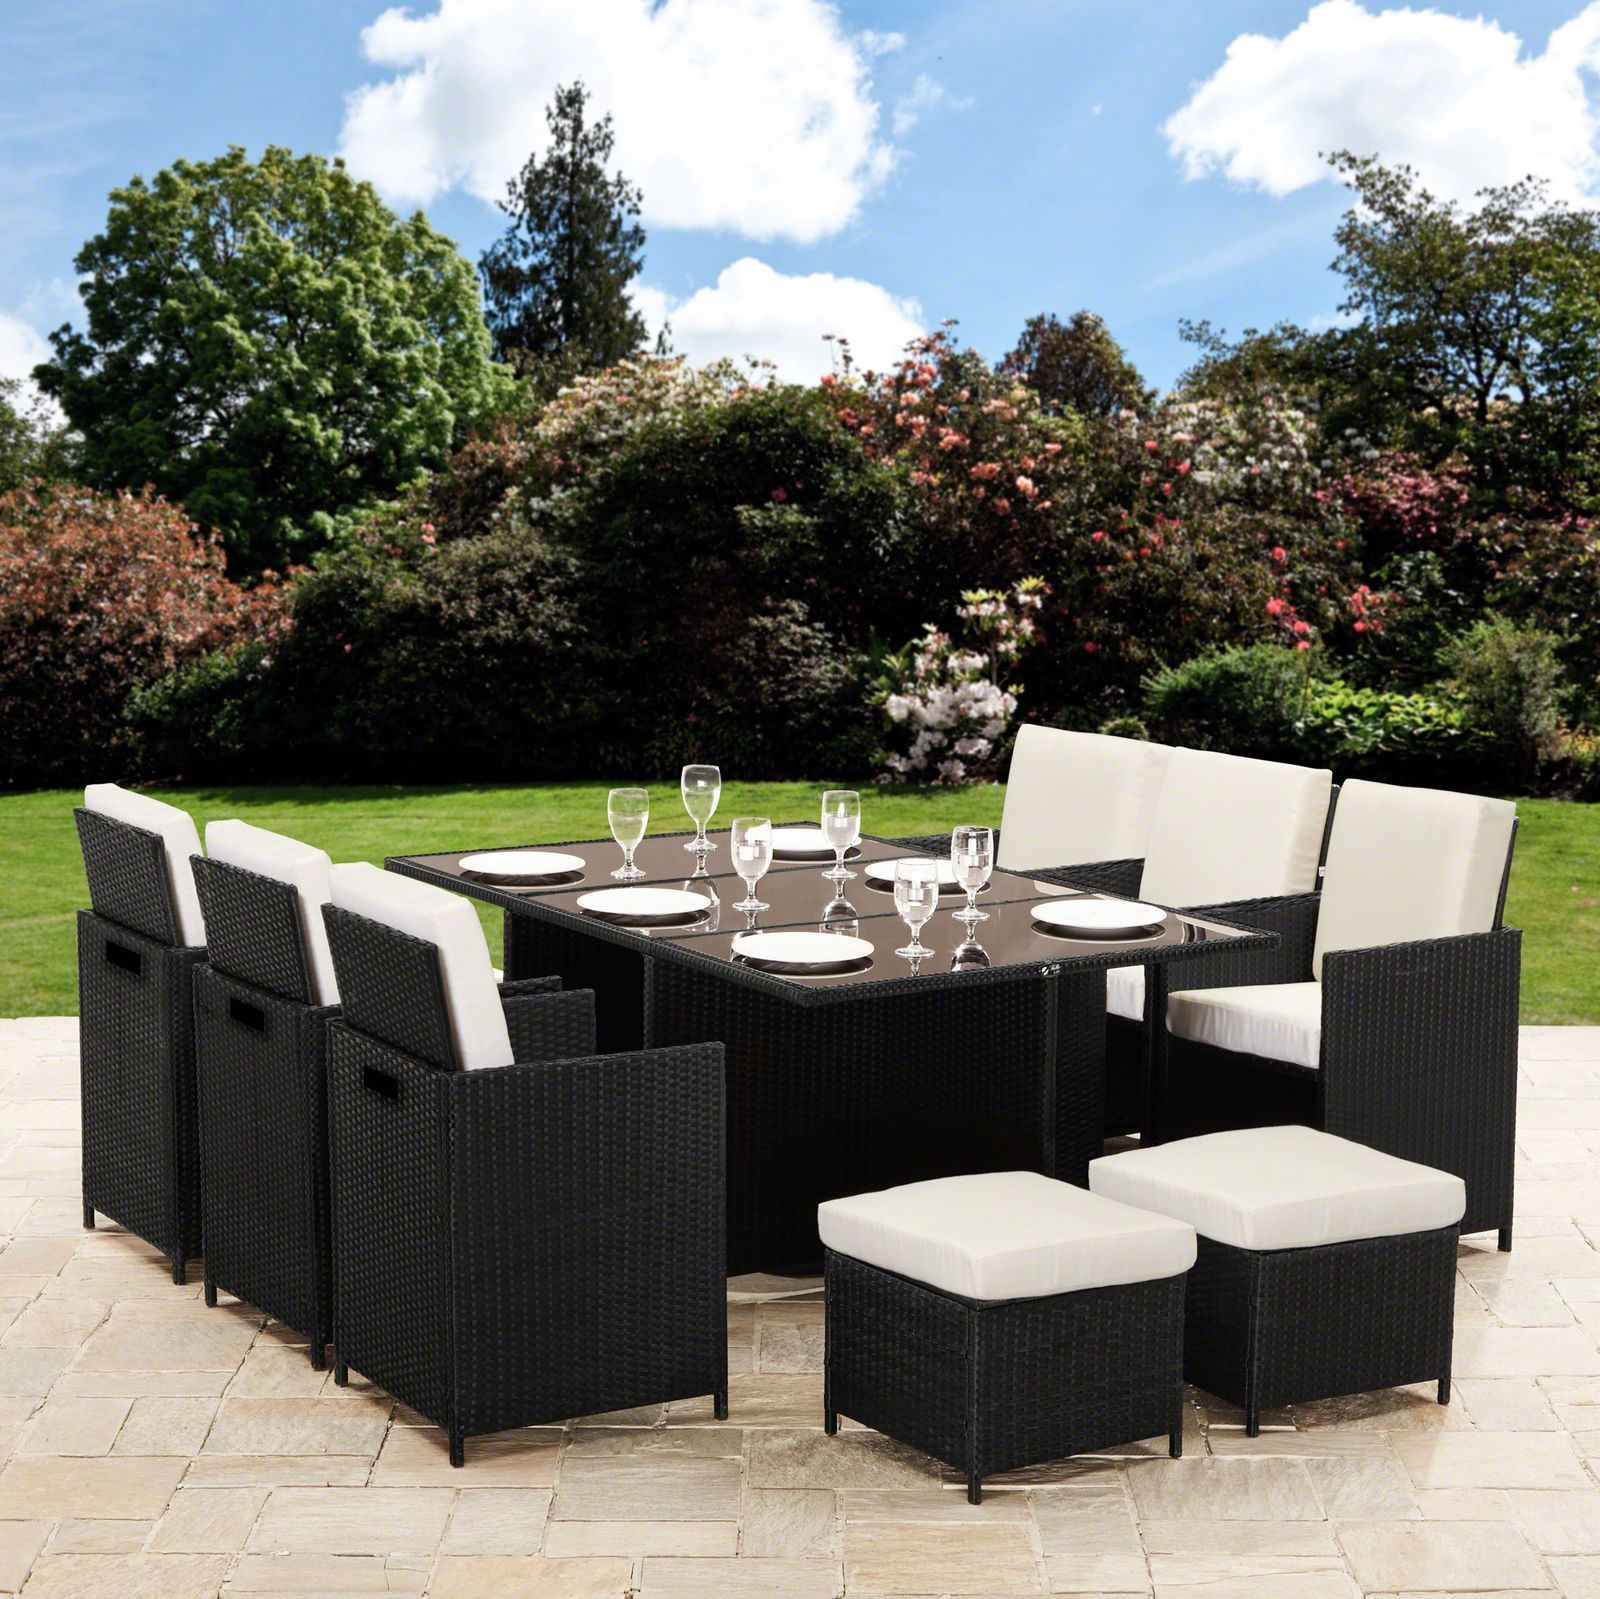 Rattan Cube Garden Furnishings Patio Set